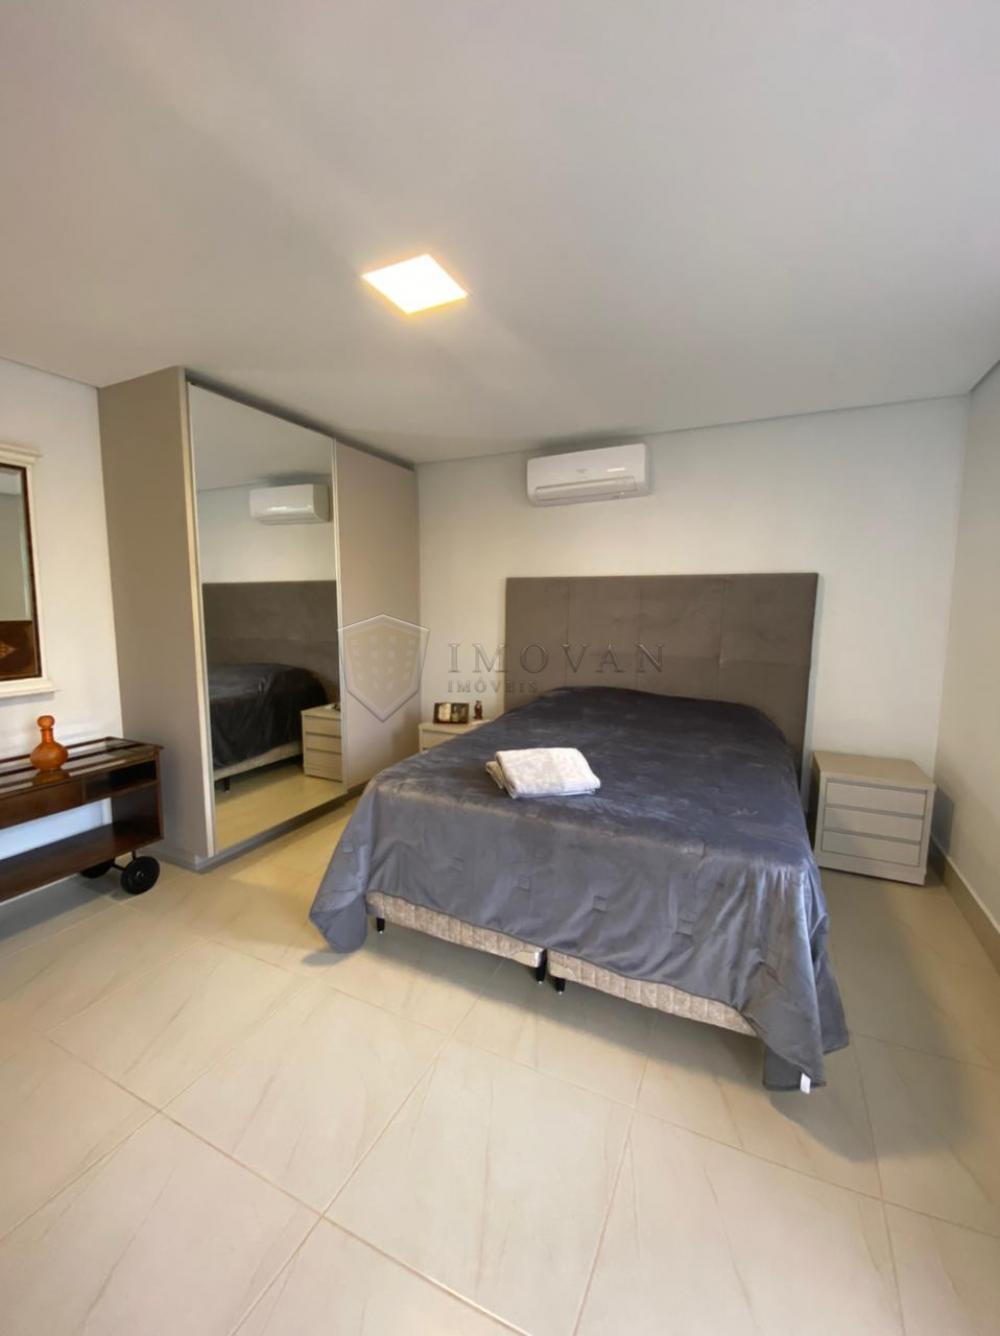 Comprar Casa / Condomínio em Bonfim Paulista R$ 2.800.000,00 - Foto 14